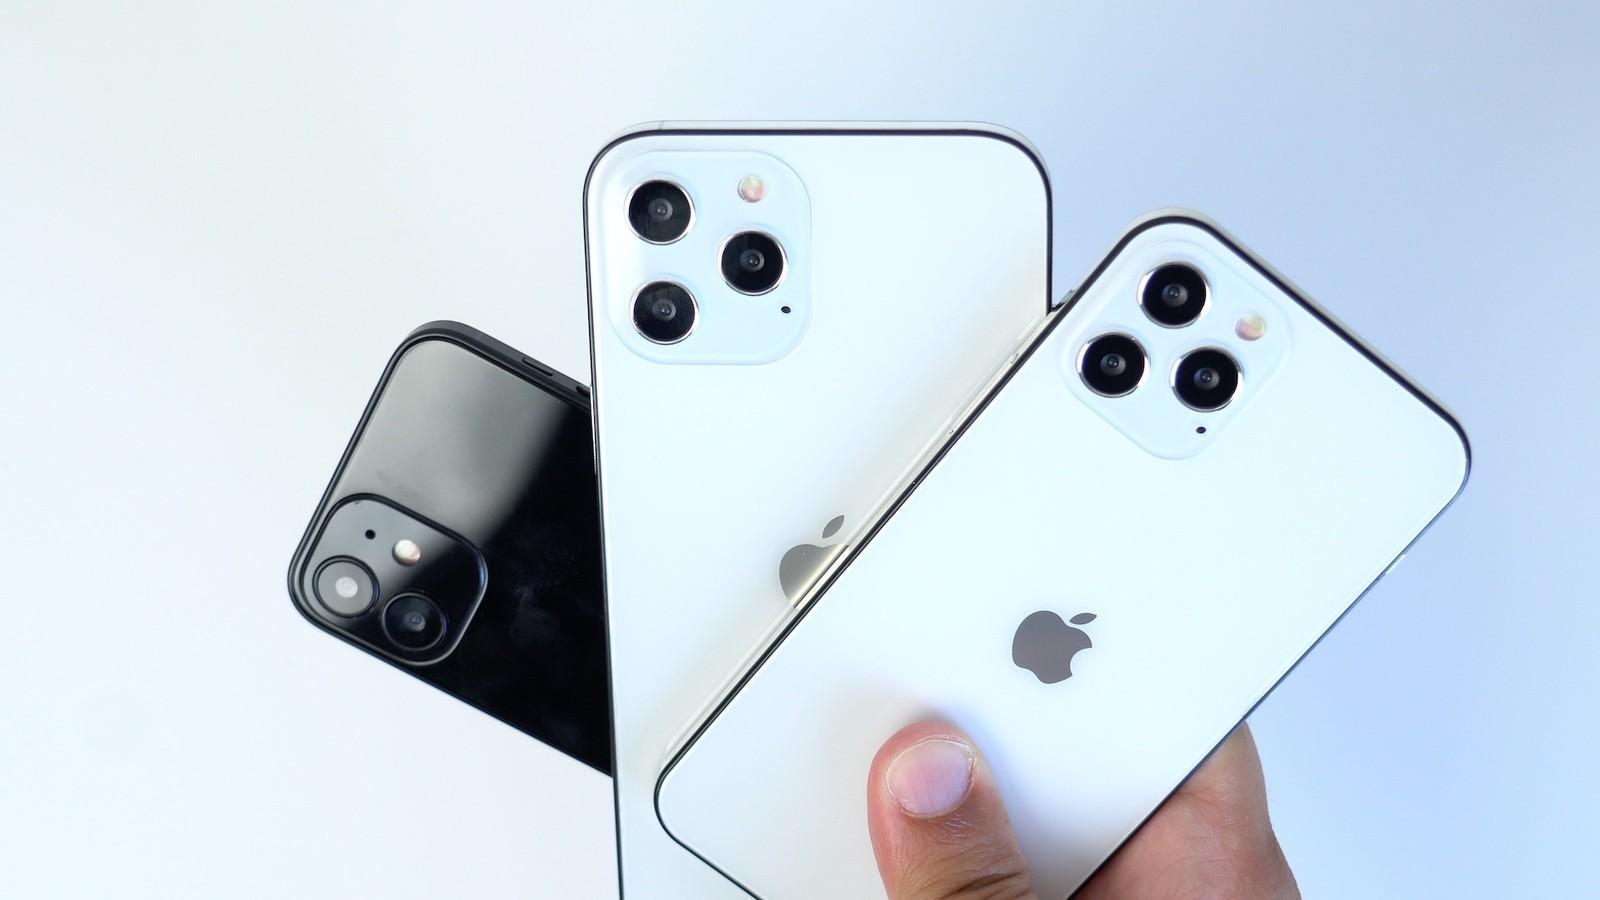 Смартфоны Apple iPhone 12 теряют сигнал во время вождения (iphone12dummycameras)